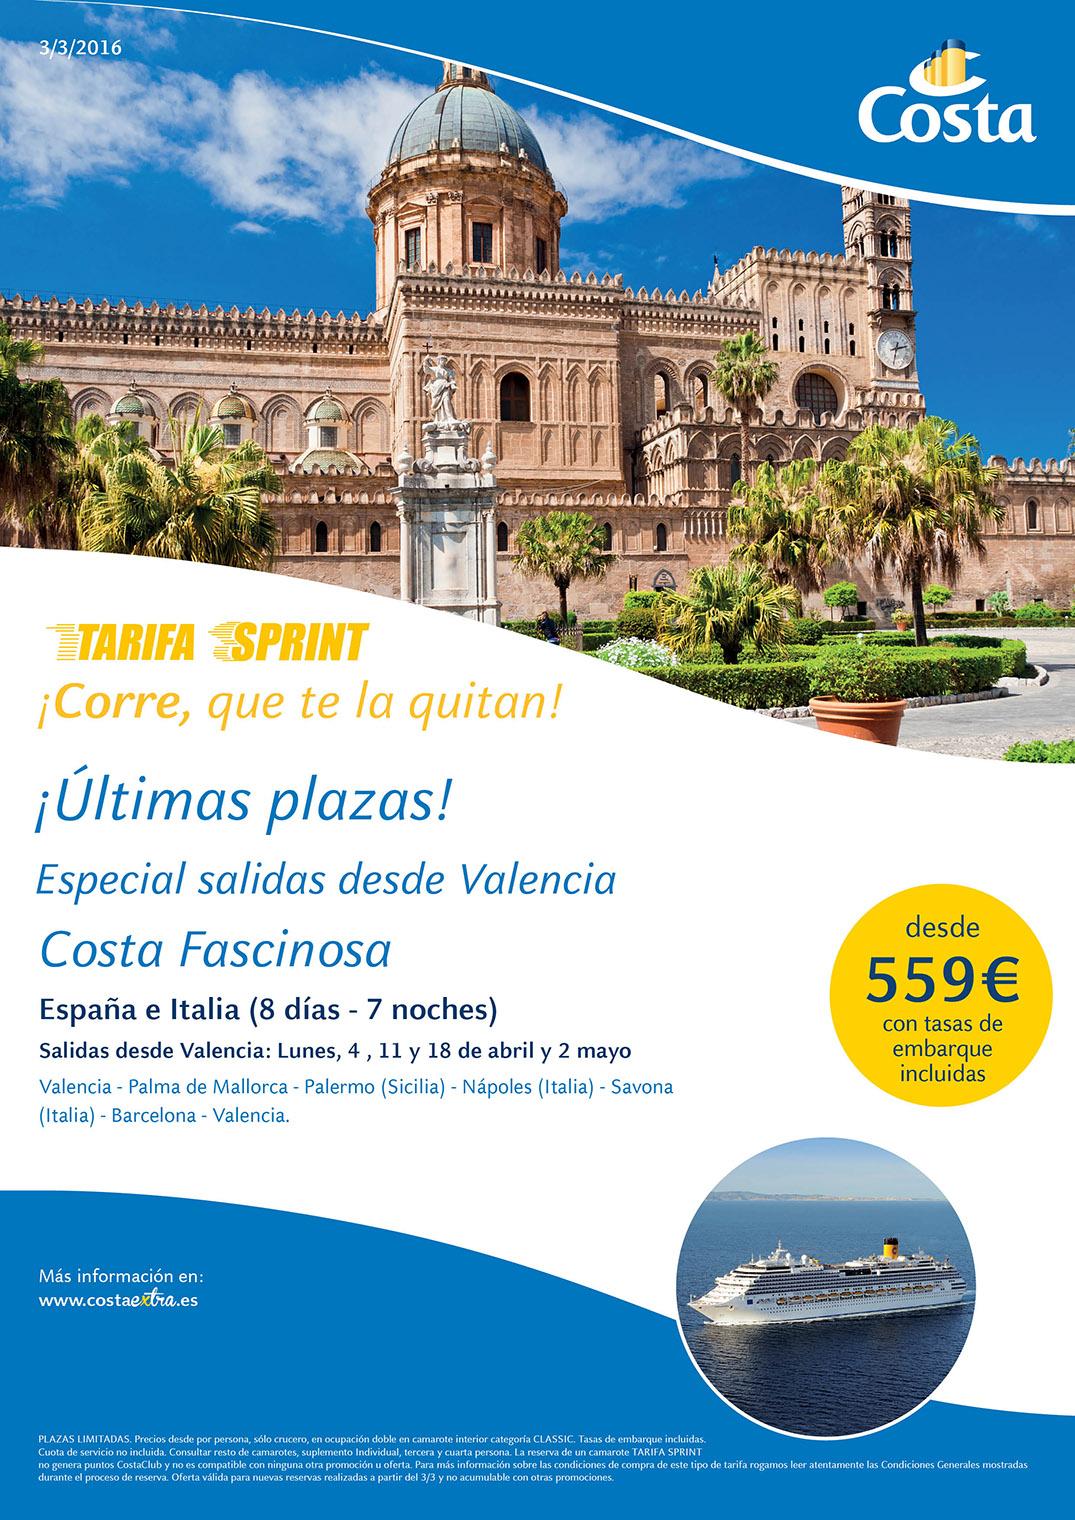 oferta Costa cruceros de Valencia y Barcelona